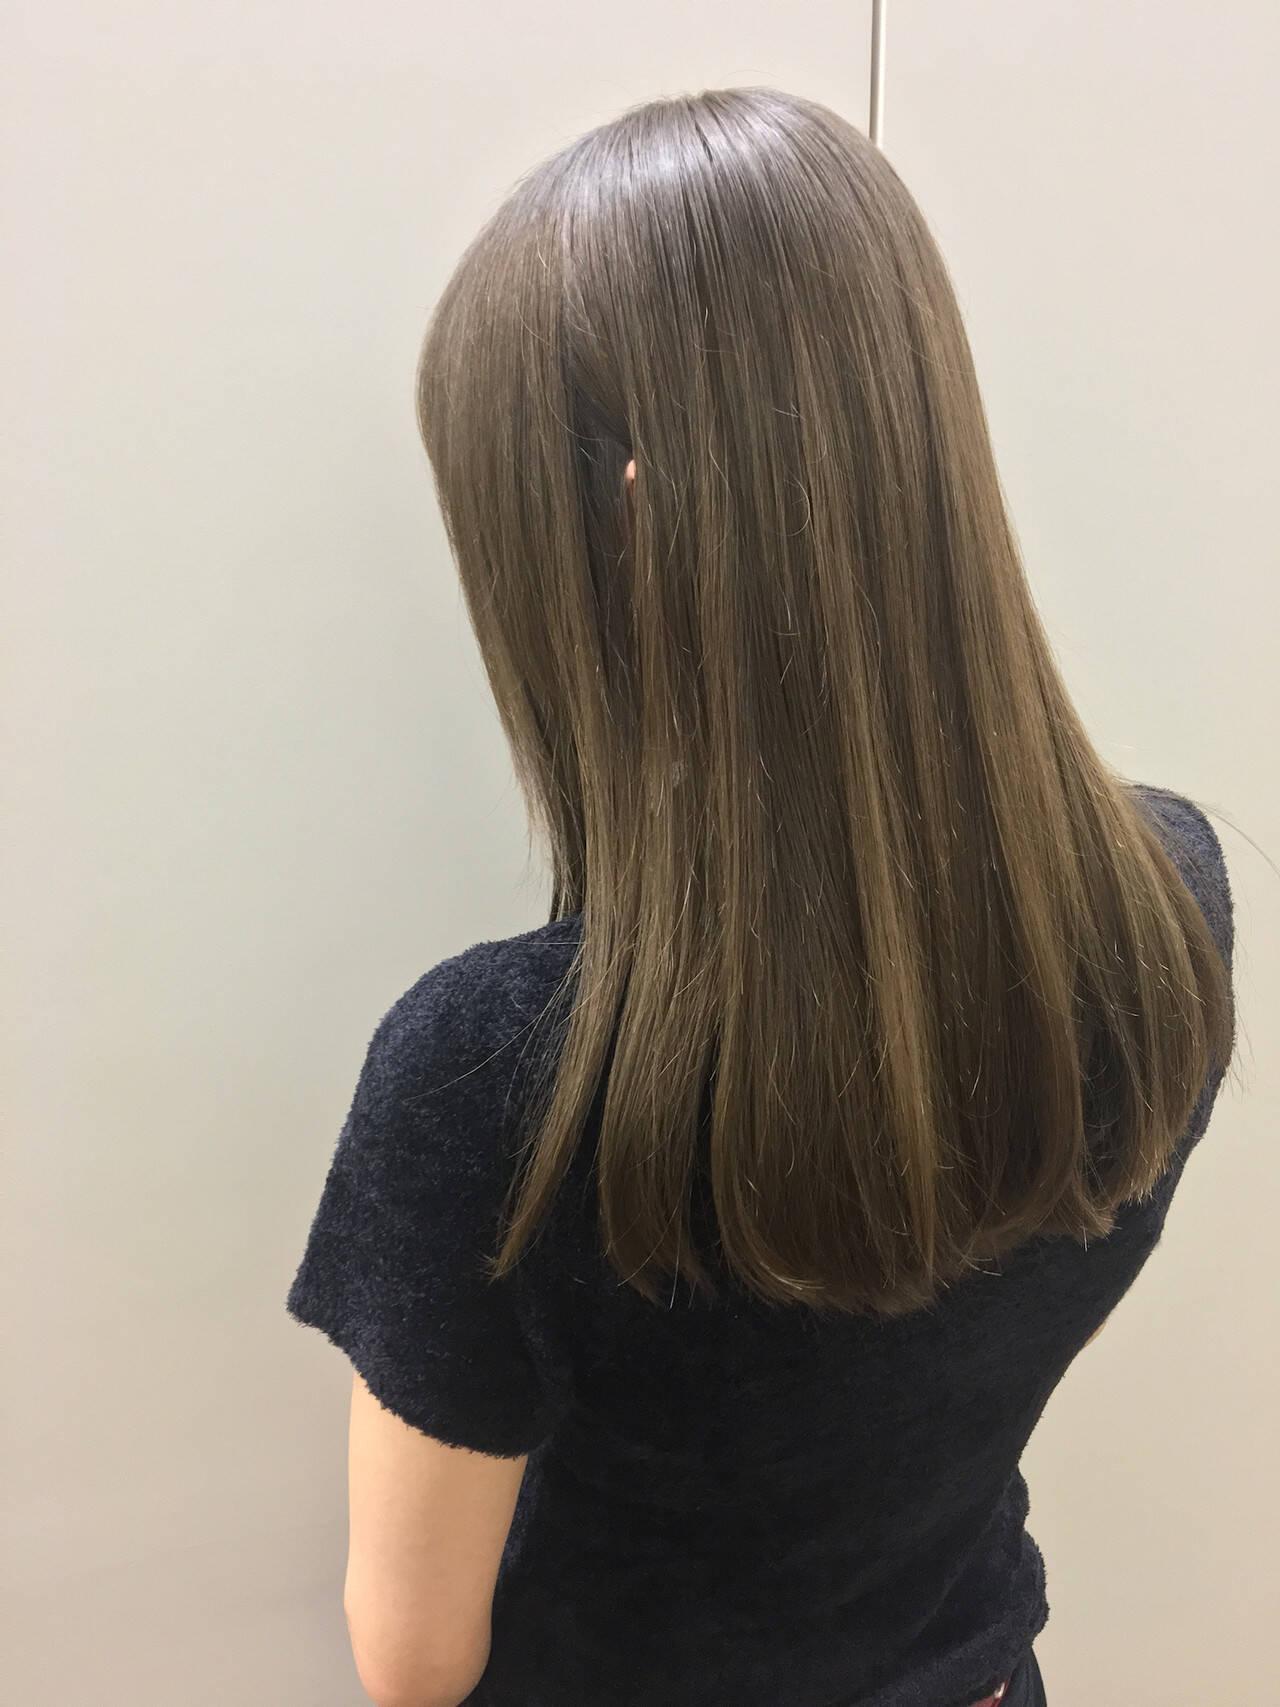 圧倒的透明感 髪質改善トリートメント 髪質改善カラー ロングヘアスタイルや髪型の写真・画像